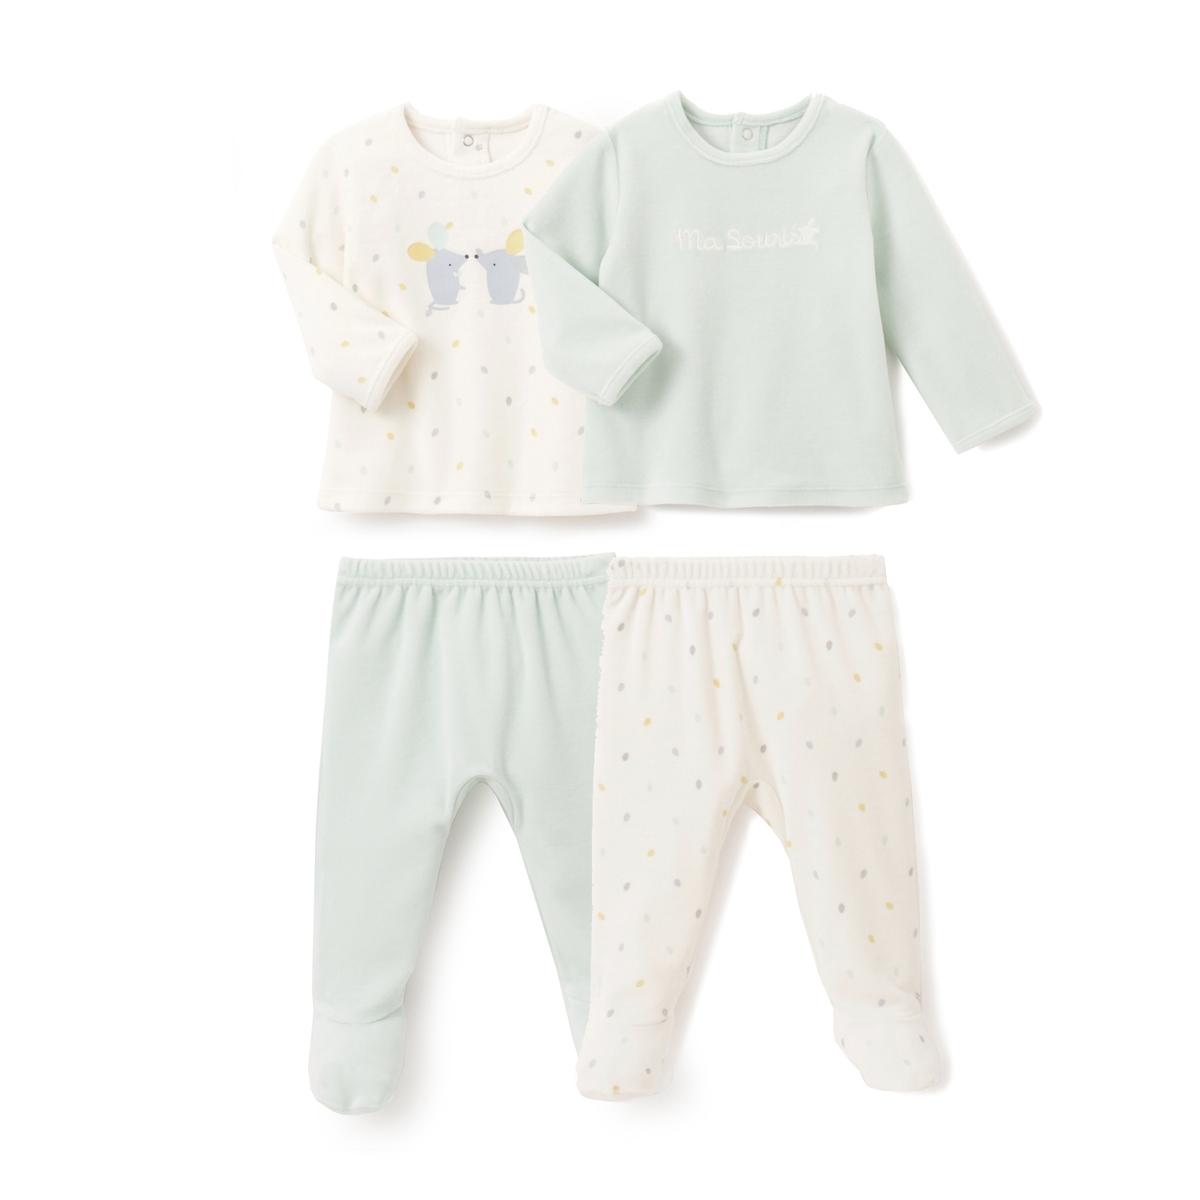 2 пижамы велюровые из 2 предметов, 0 мес.- 3 лет